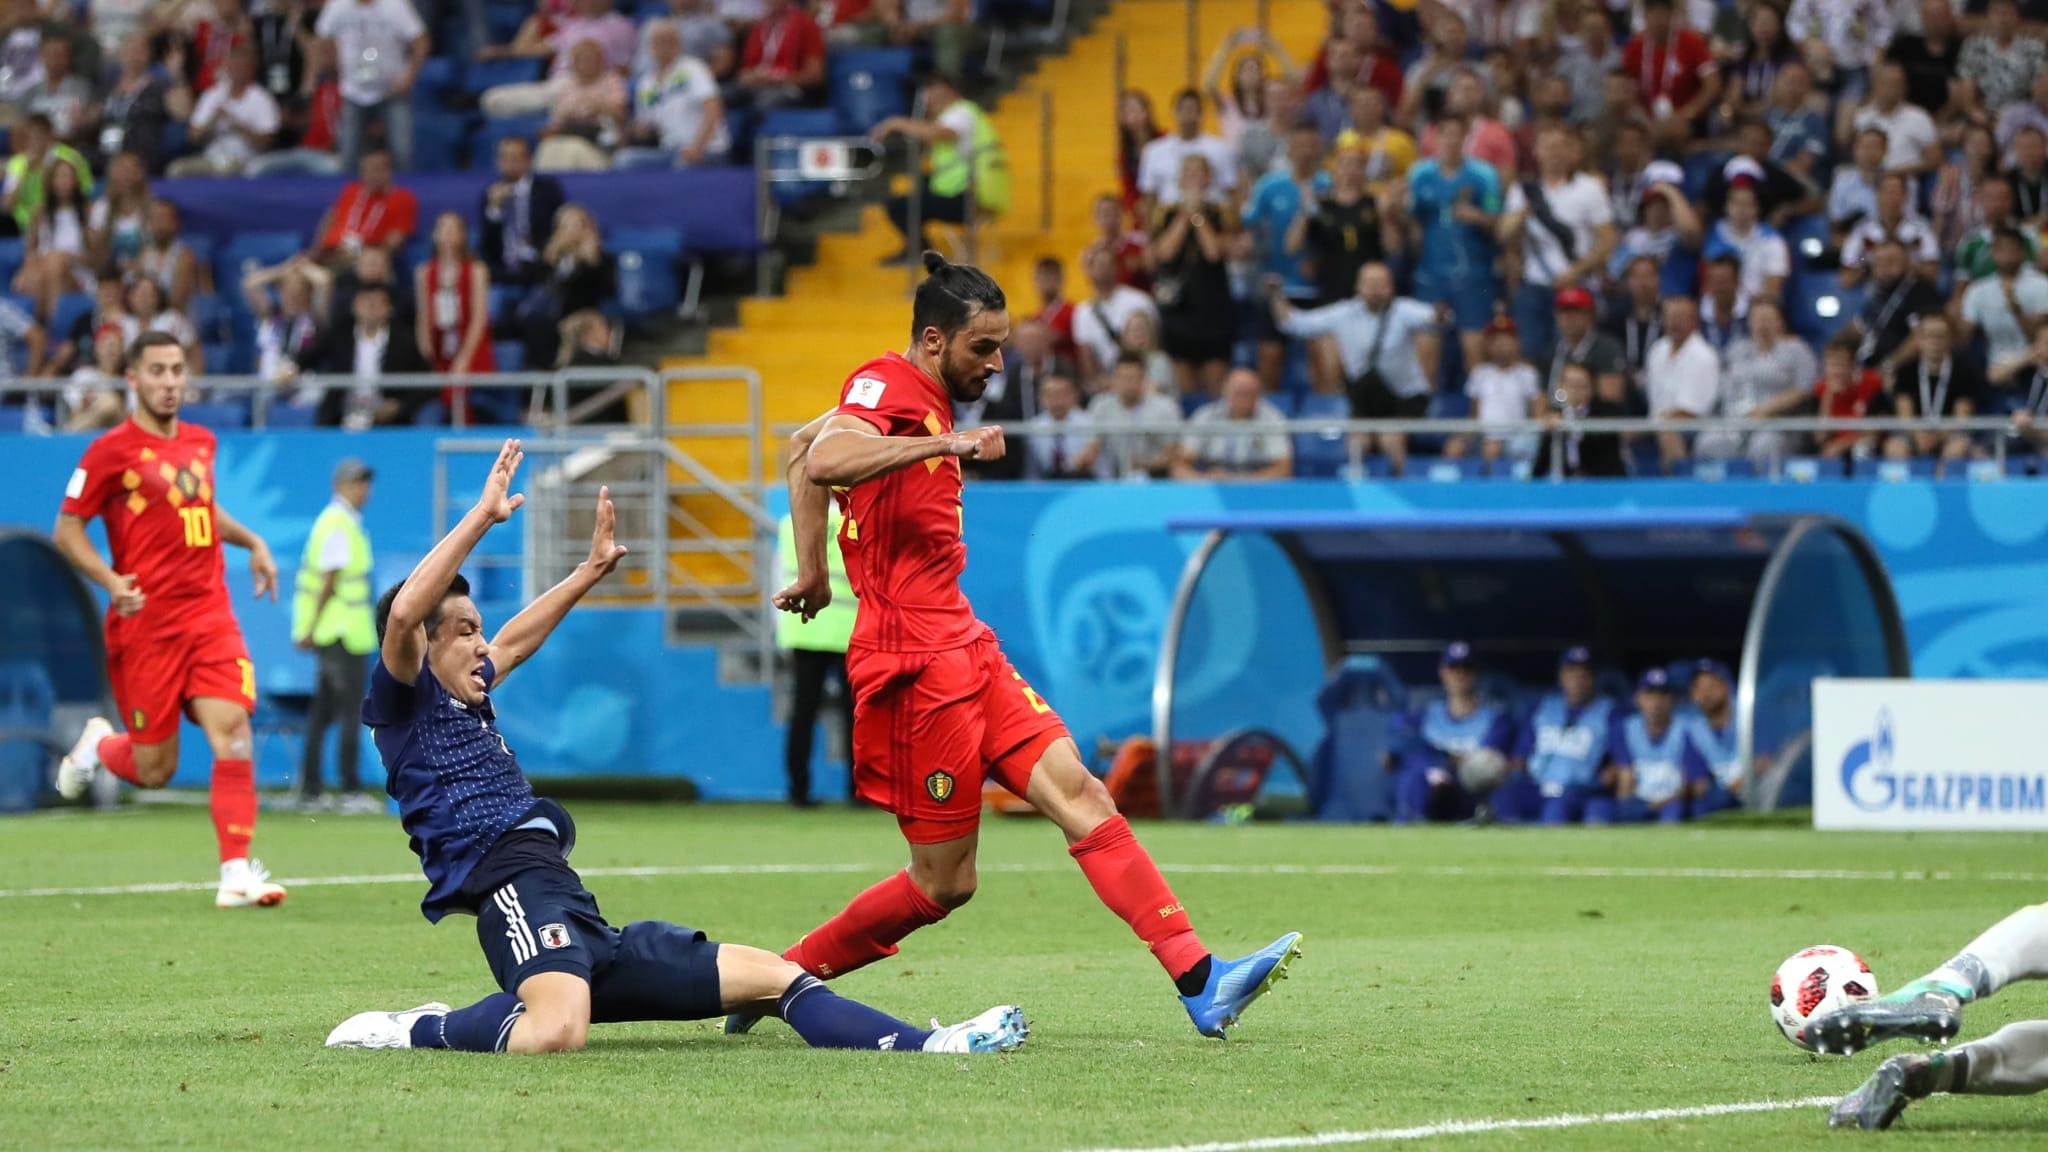 Bélgica chegou a estar perdendo por dois a zero, mas virou o jogo contra o Japão e enfrenta o Brasil na próxima fase